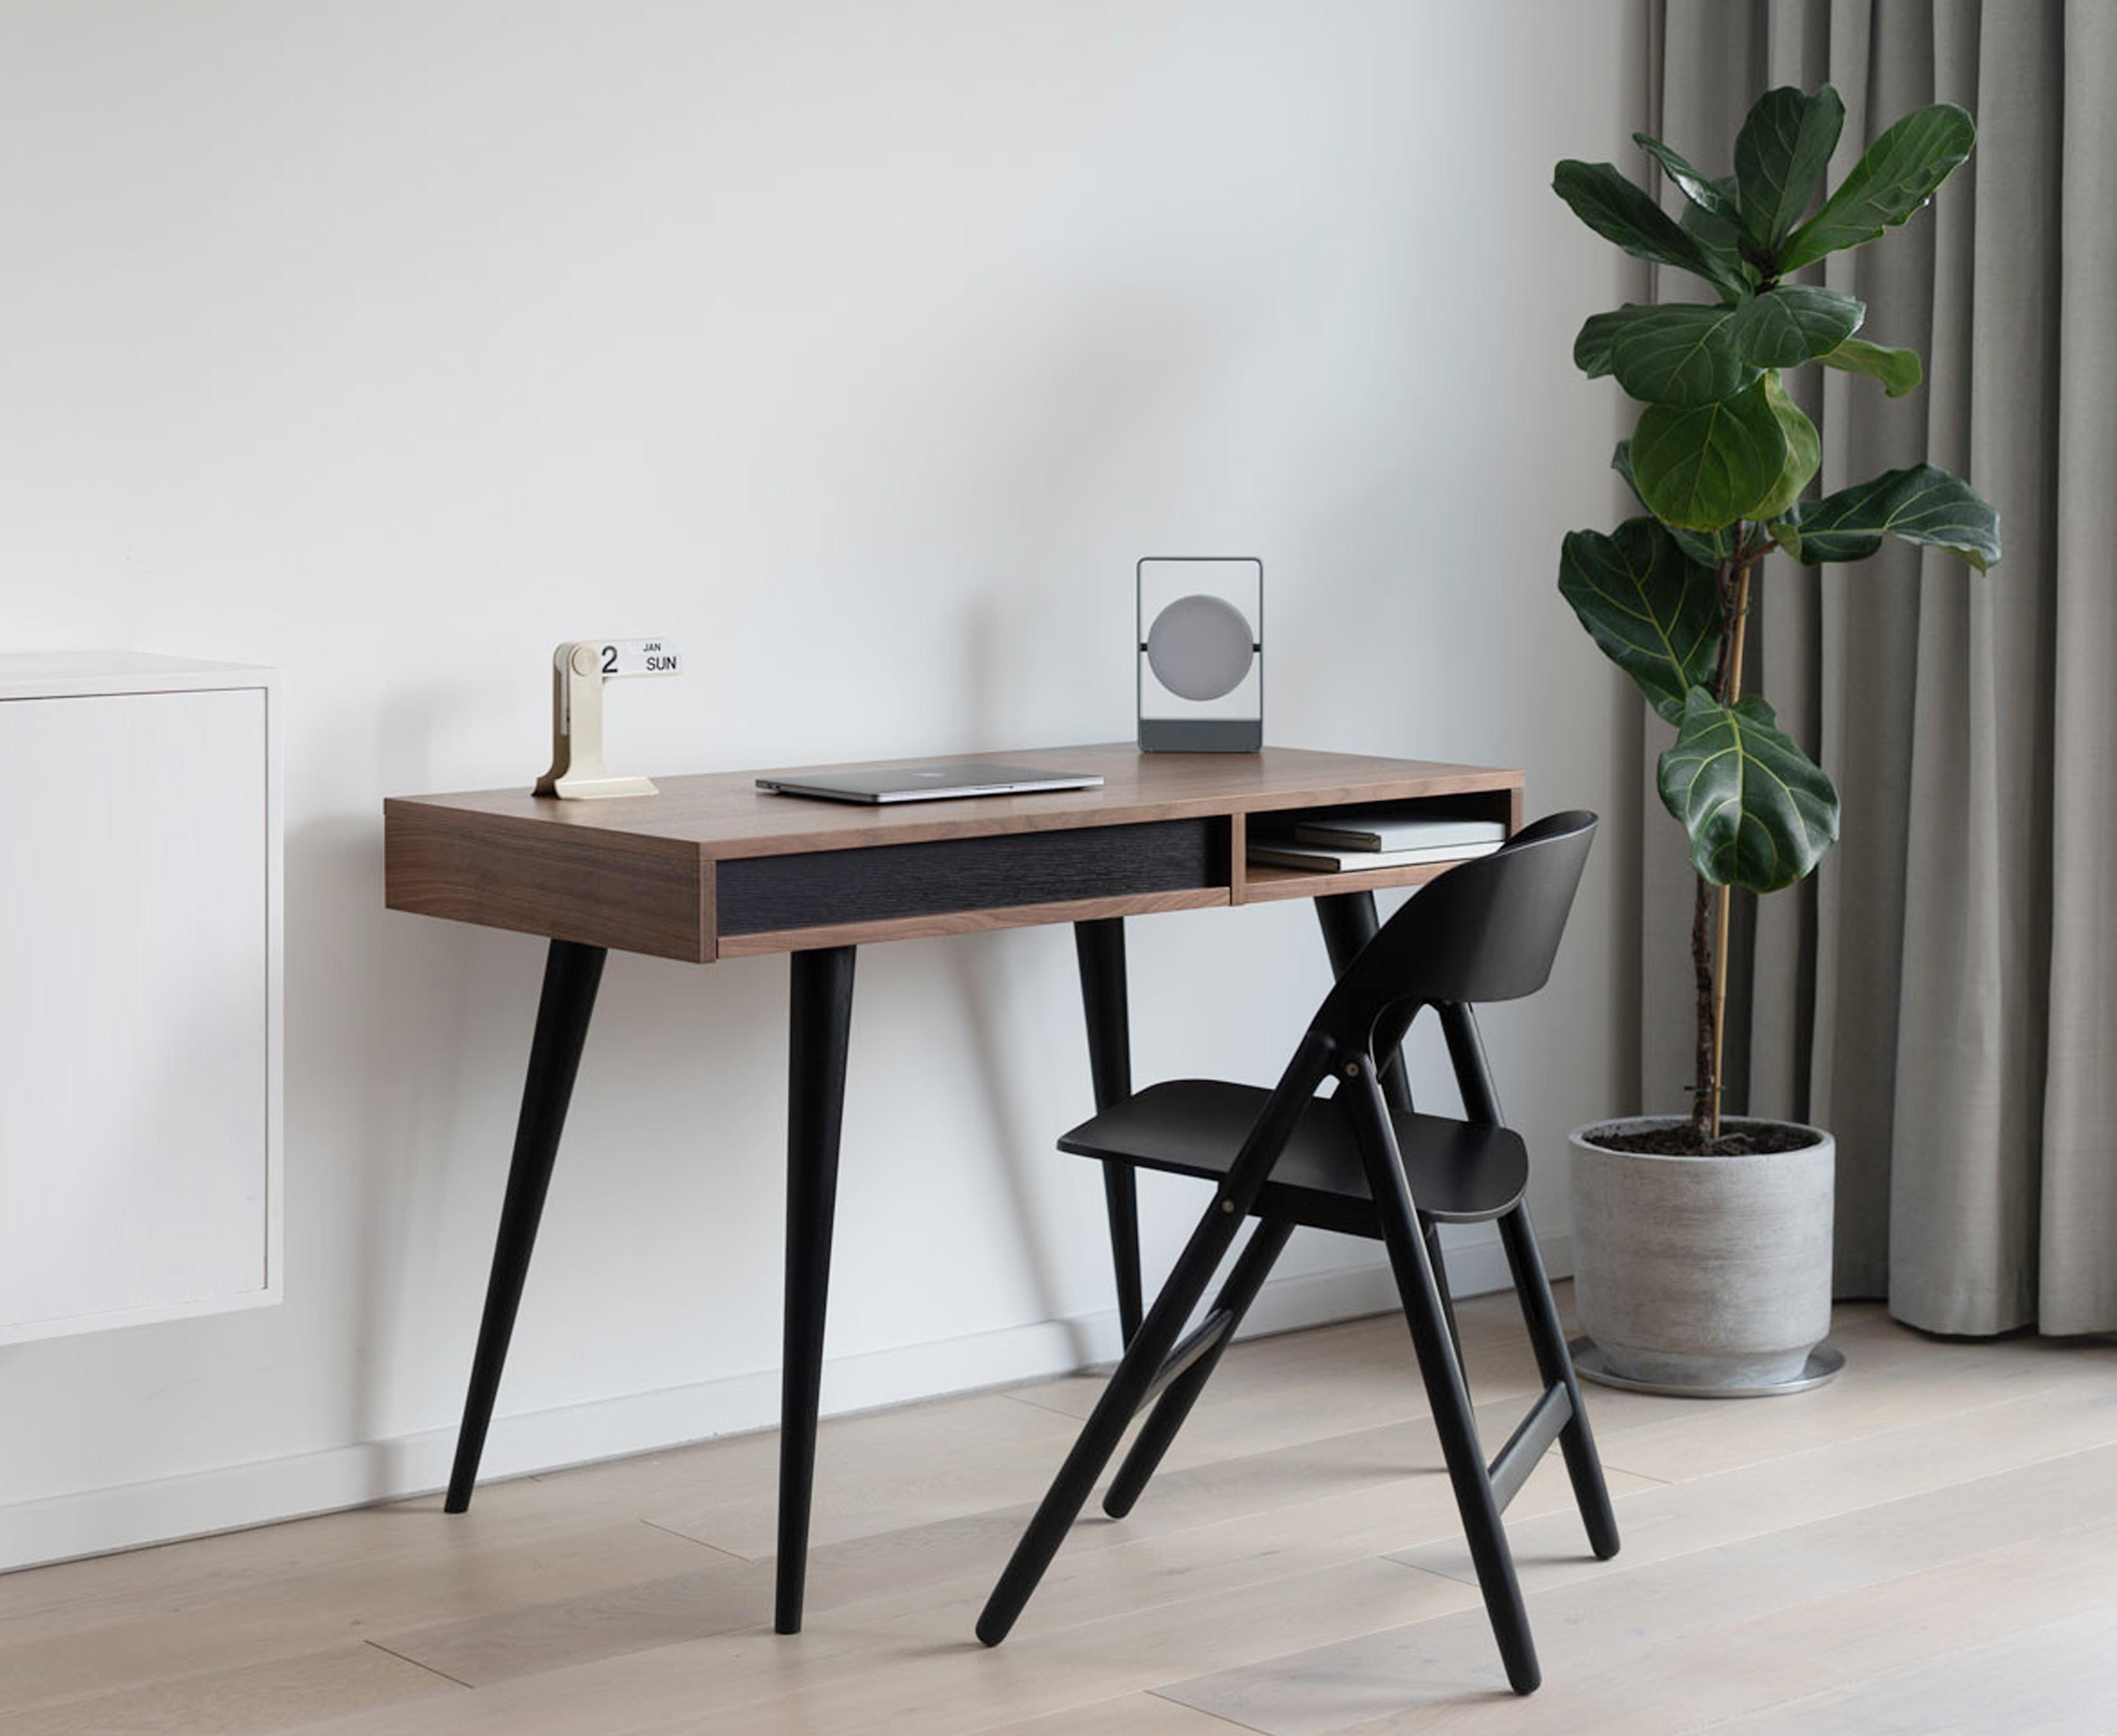 case-furniture-desk-walnut